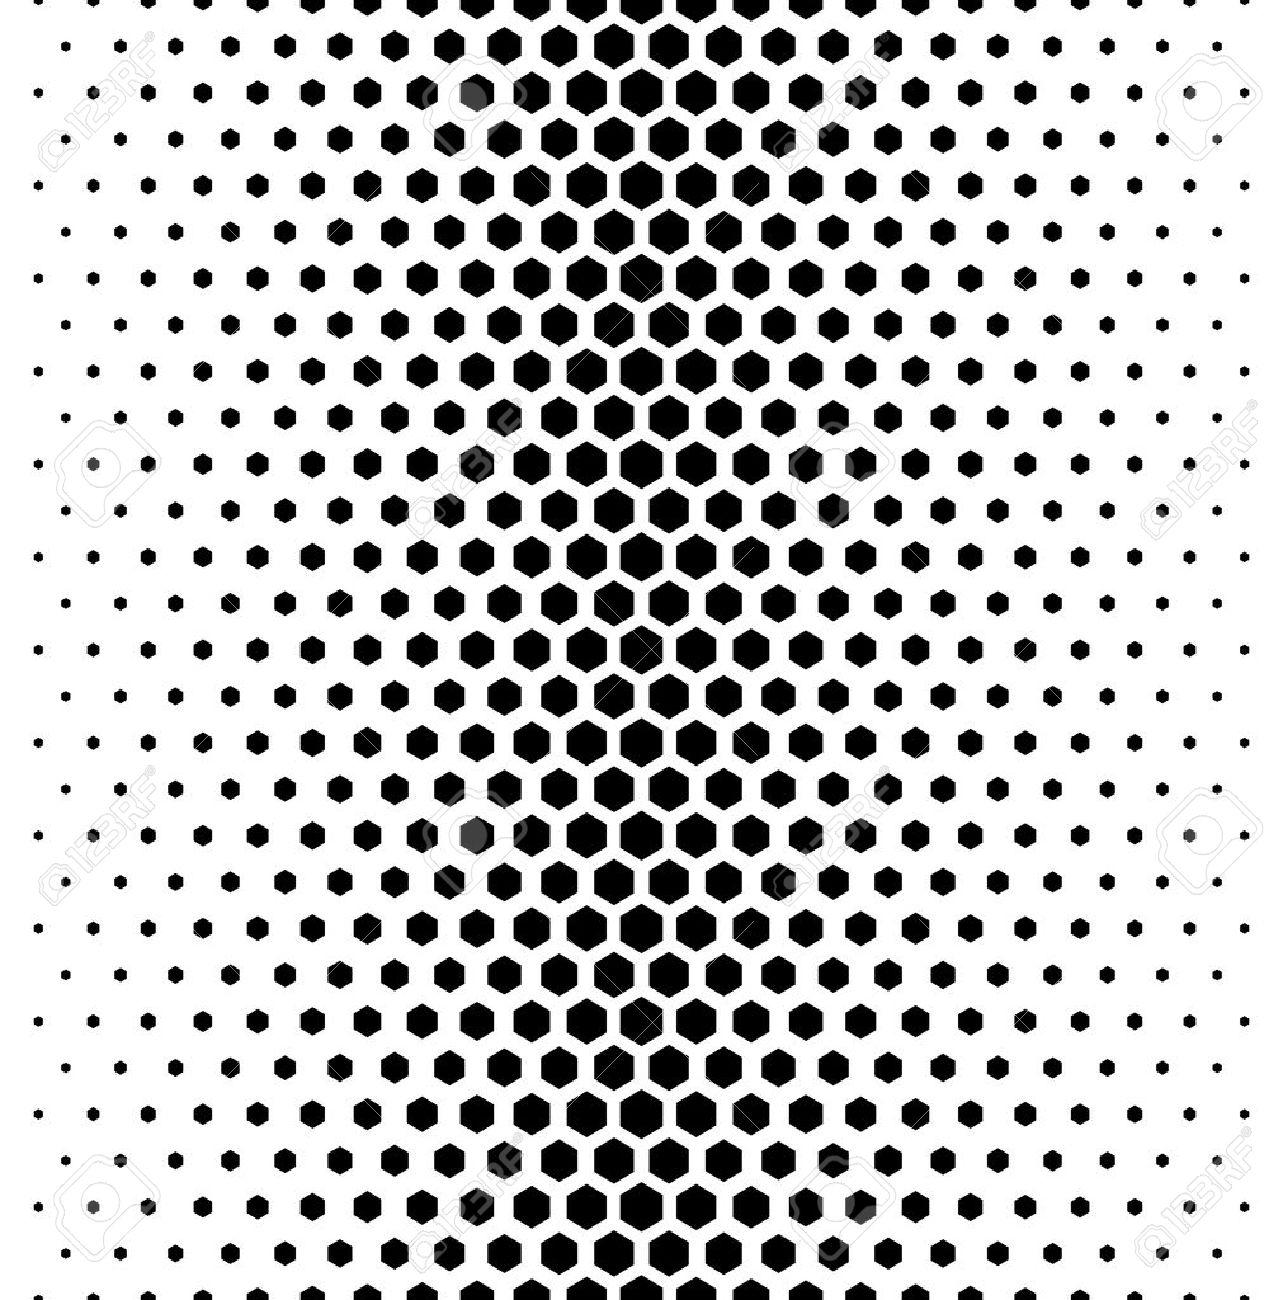 Zeer Vector Modern Tegels Patroon. Abstracte Gradiënt Op-art Naadloze @LS93